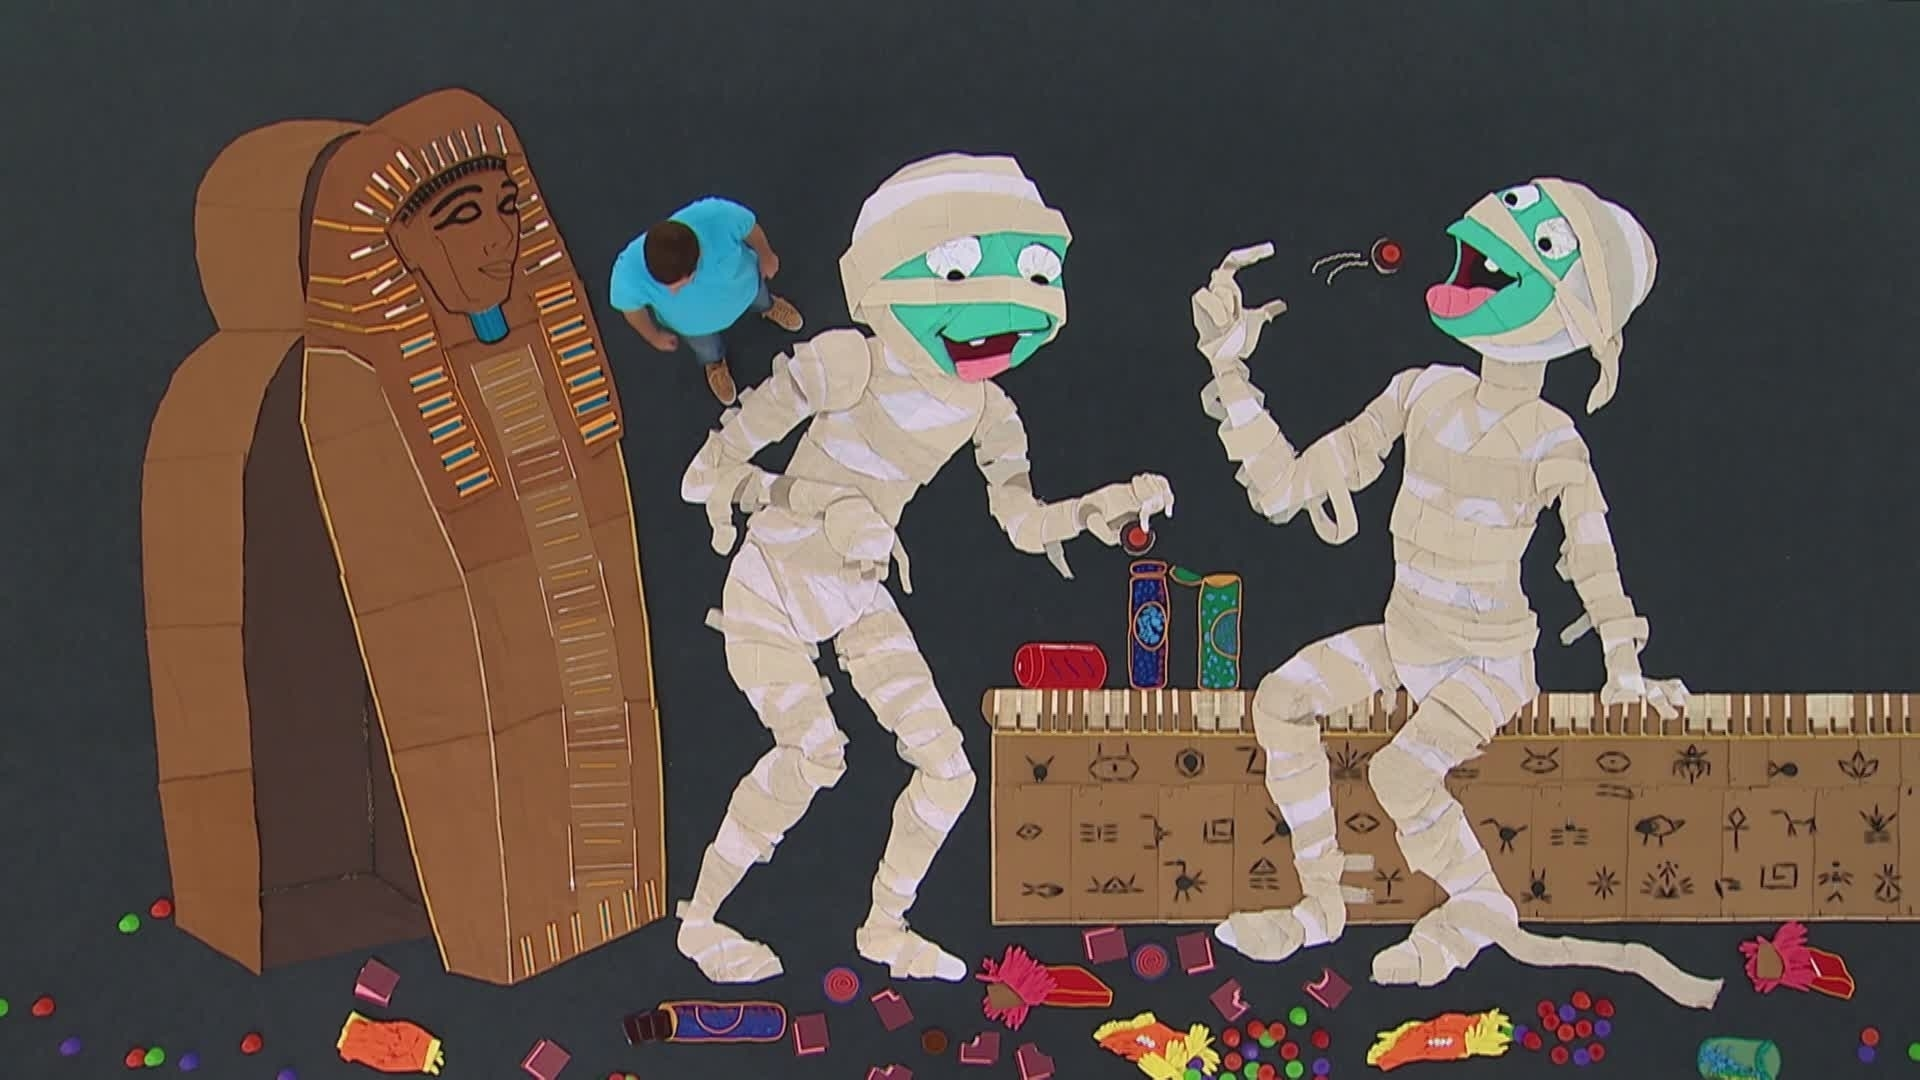 Arte gigante: Múmias - Art Attack